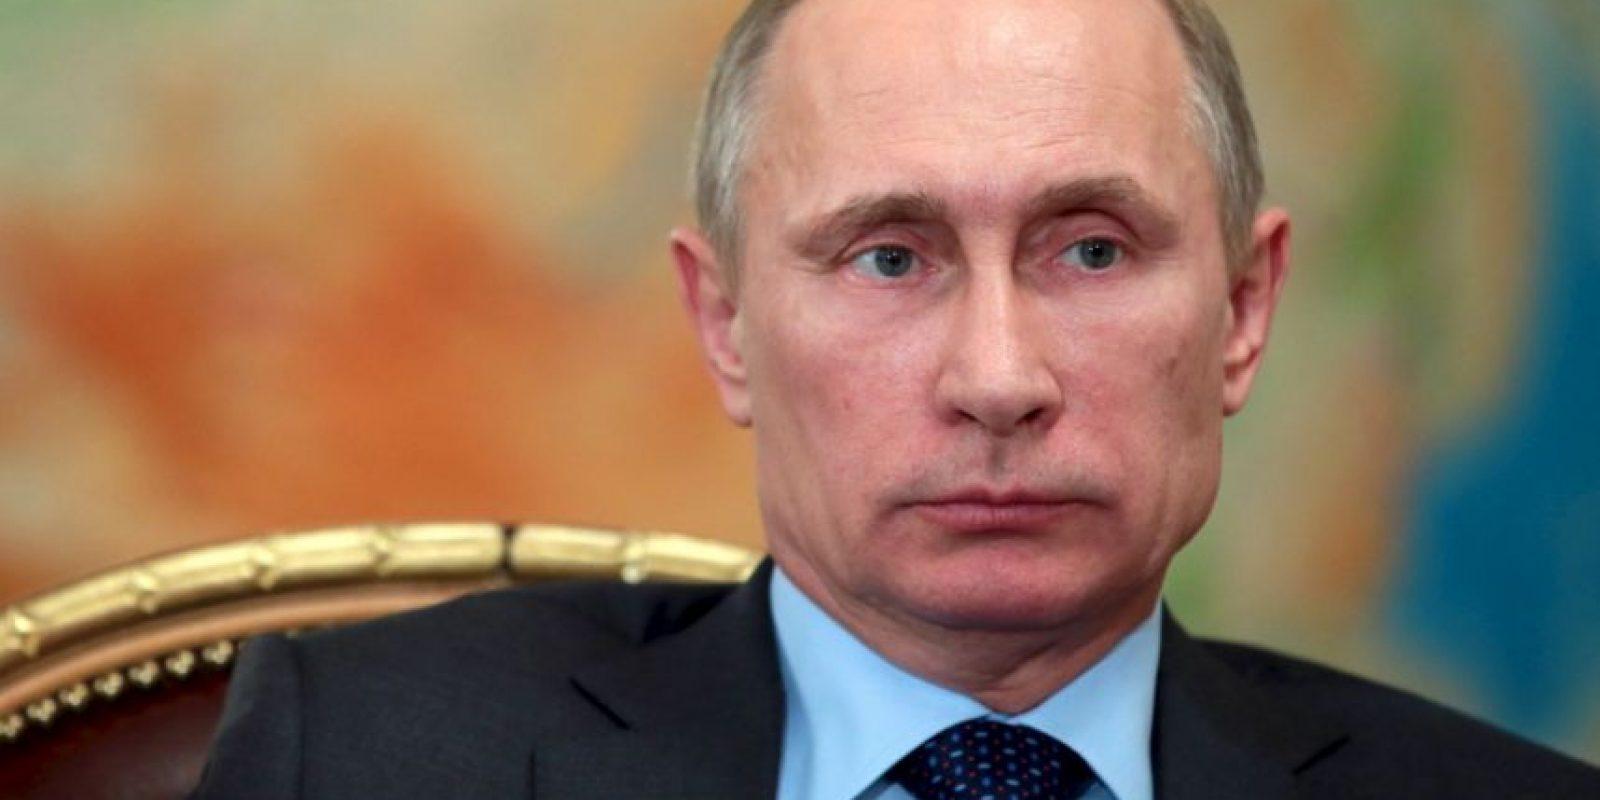 Destaca Vladimir Putin, cuyos asociados movieron hasta 2 mil millones de dólares a través de bancos y sociedades ocultas. Foto:vía Getty Images. Imagen Por: | Foto Getty Images